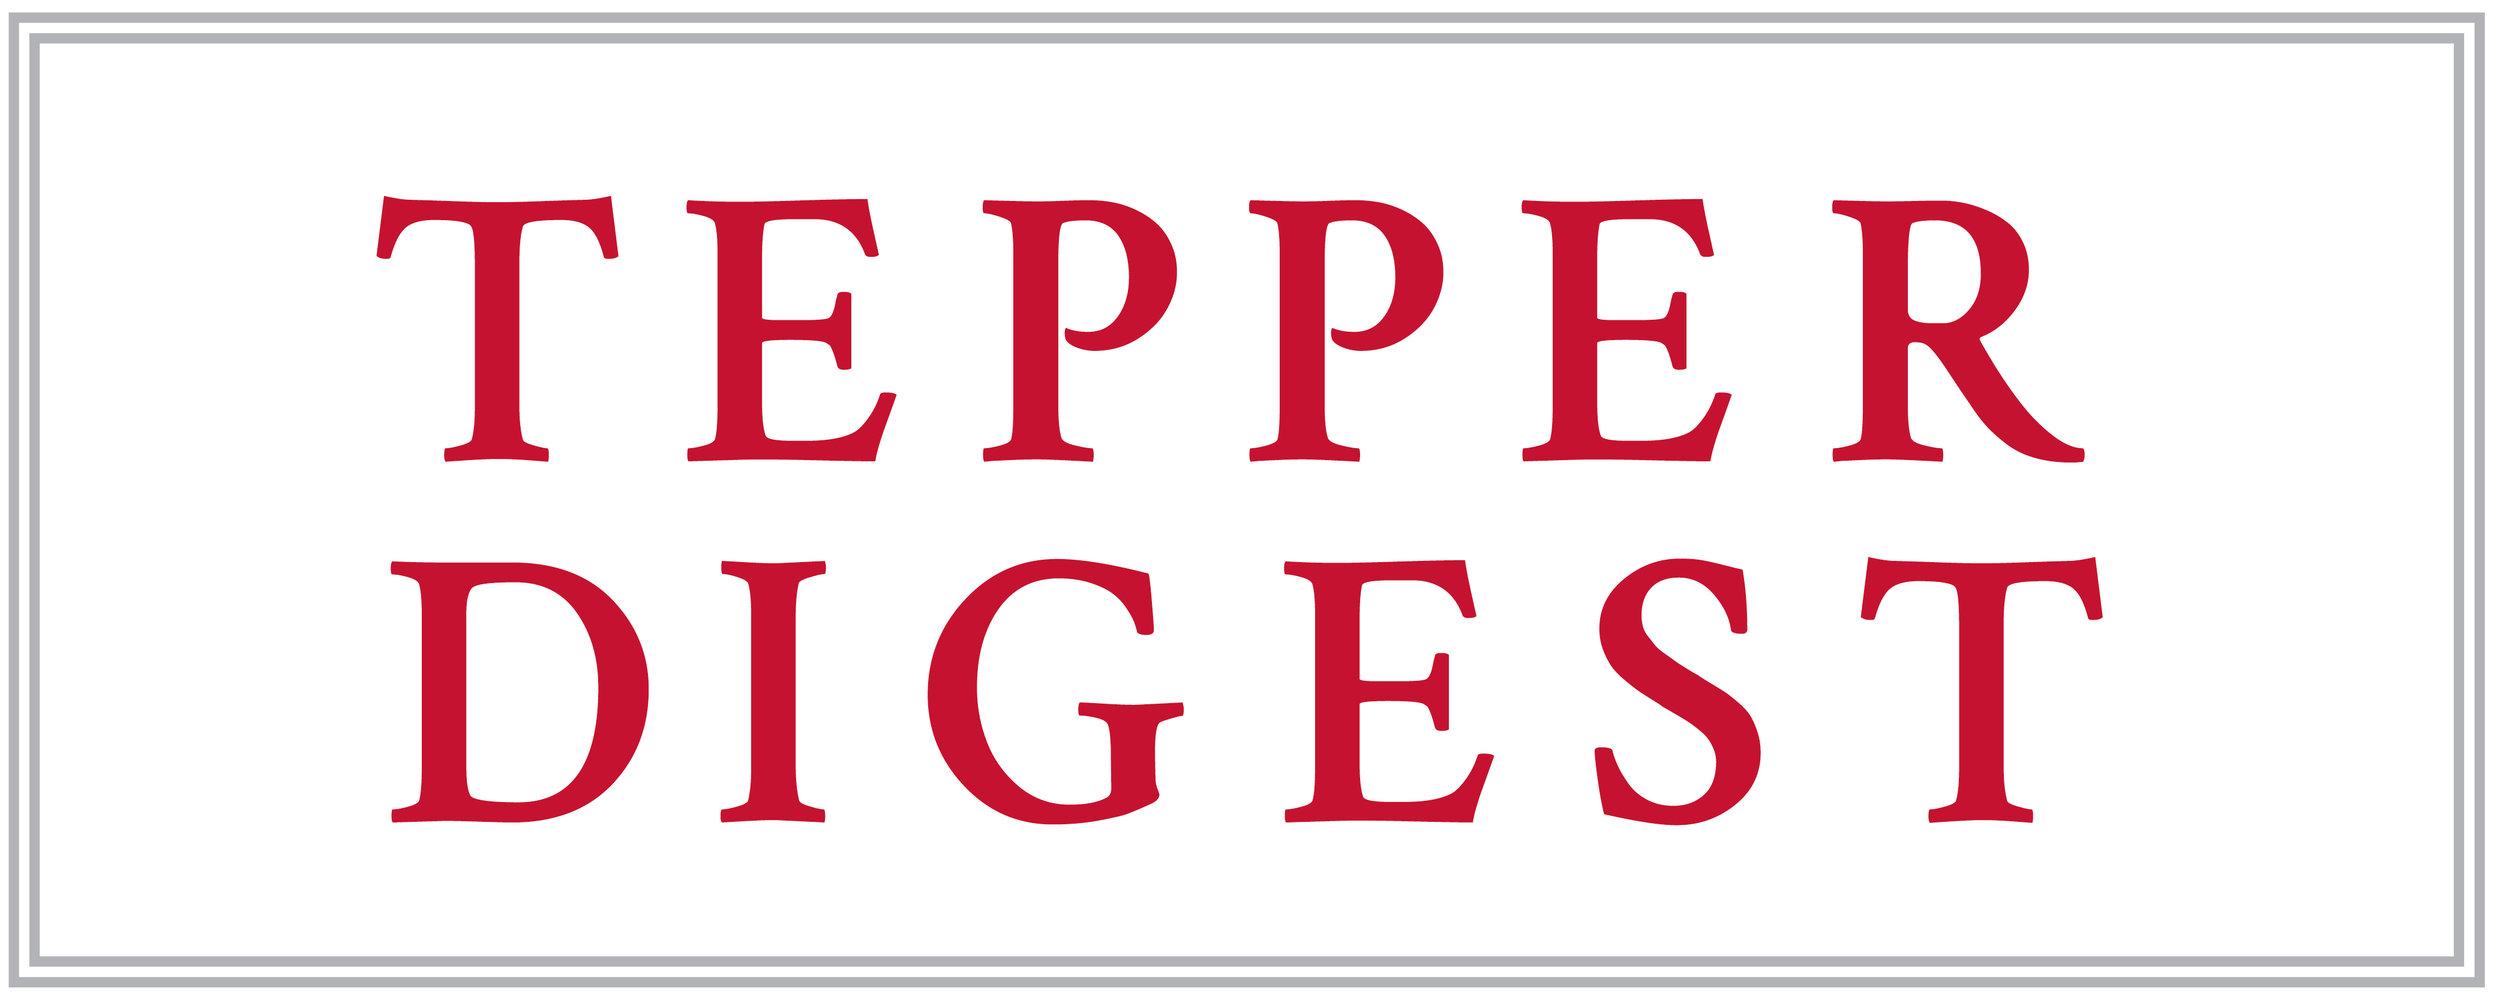 Tepper Digest.jpg